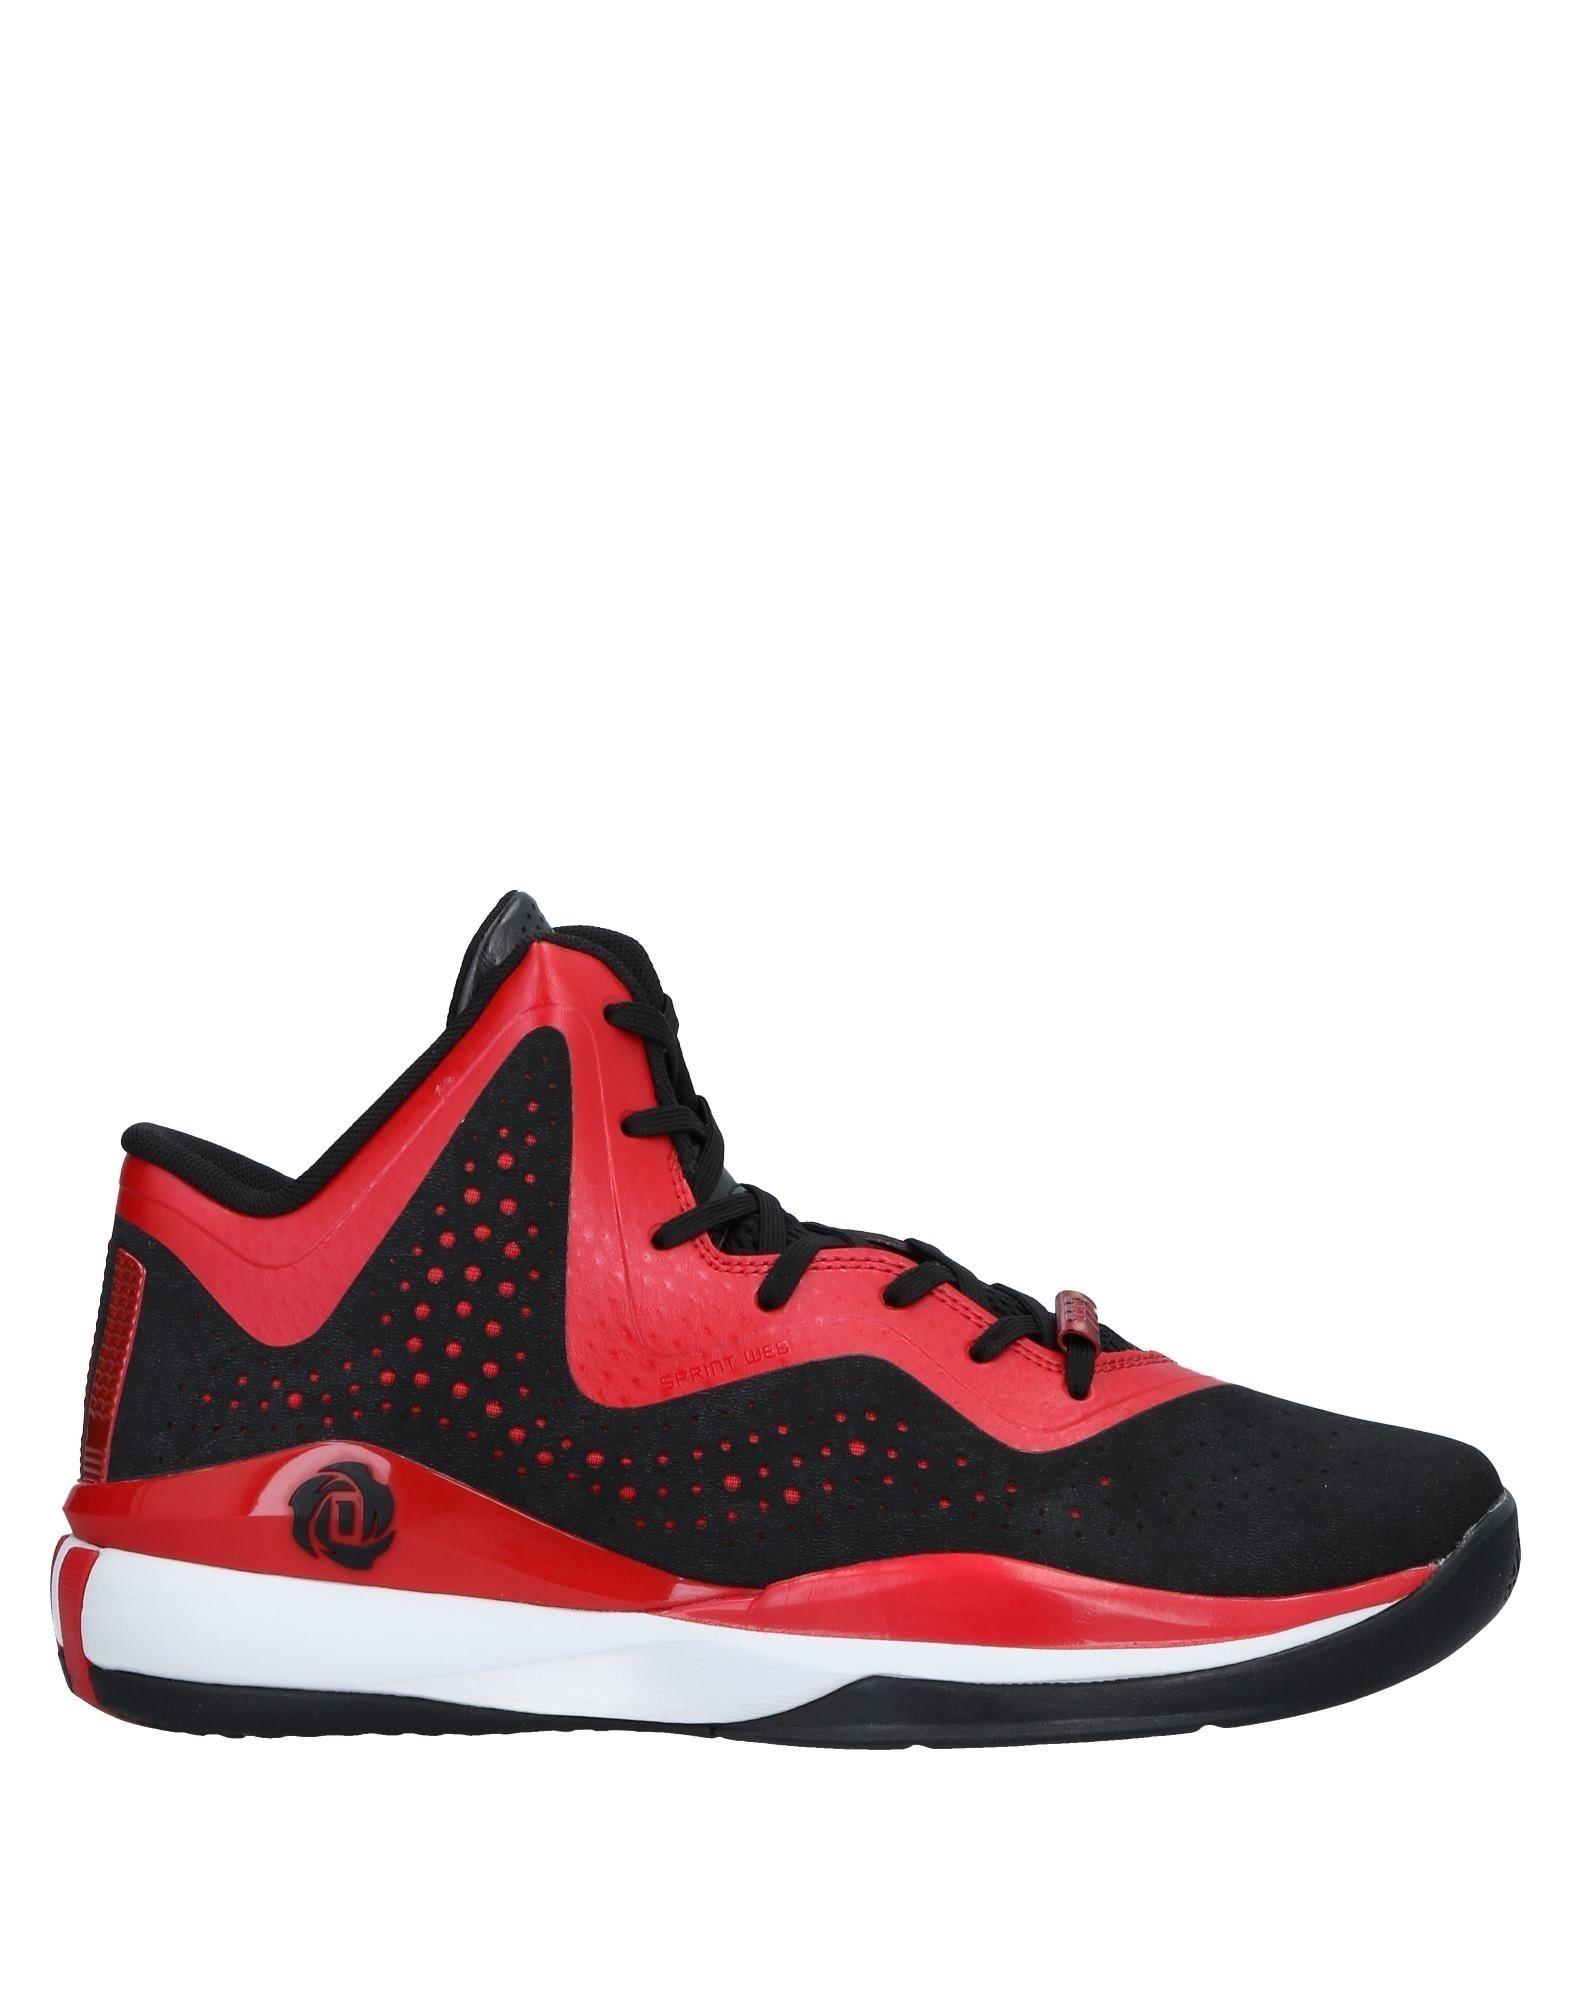 Sneakers Adidas Uomo - 11497653UX Scarpe economiche e buone